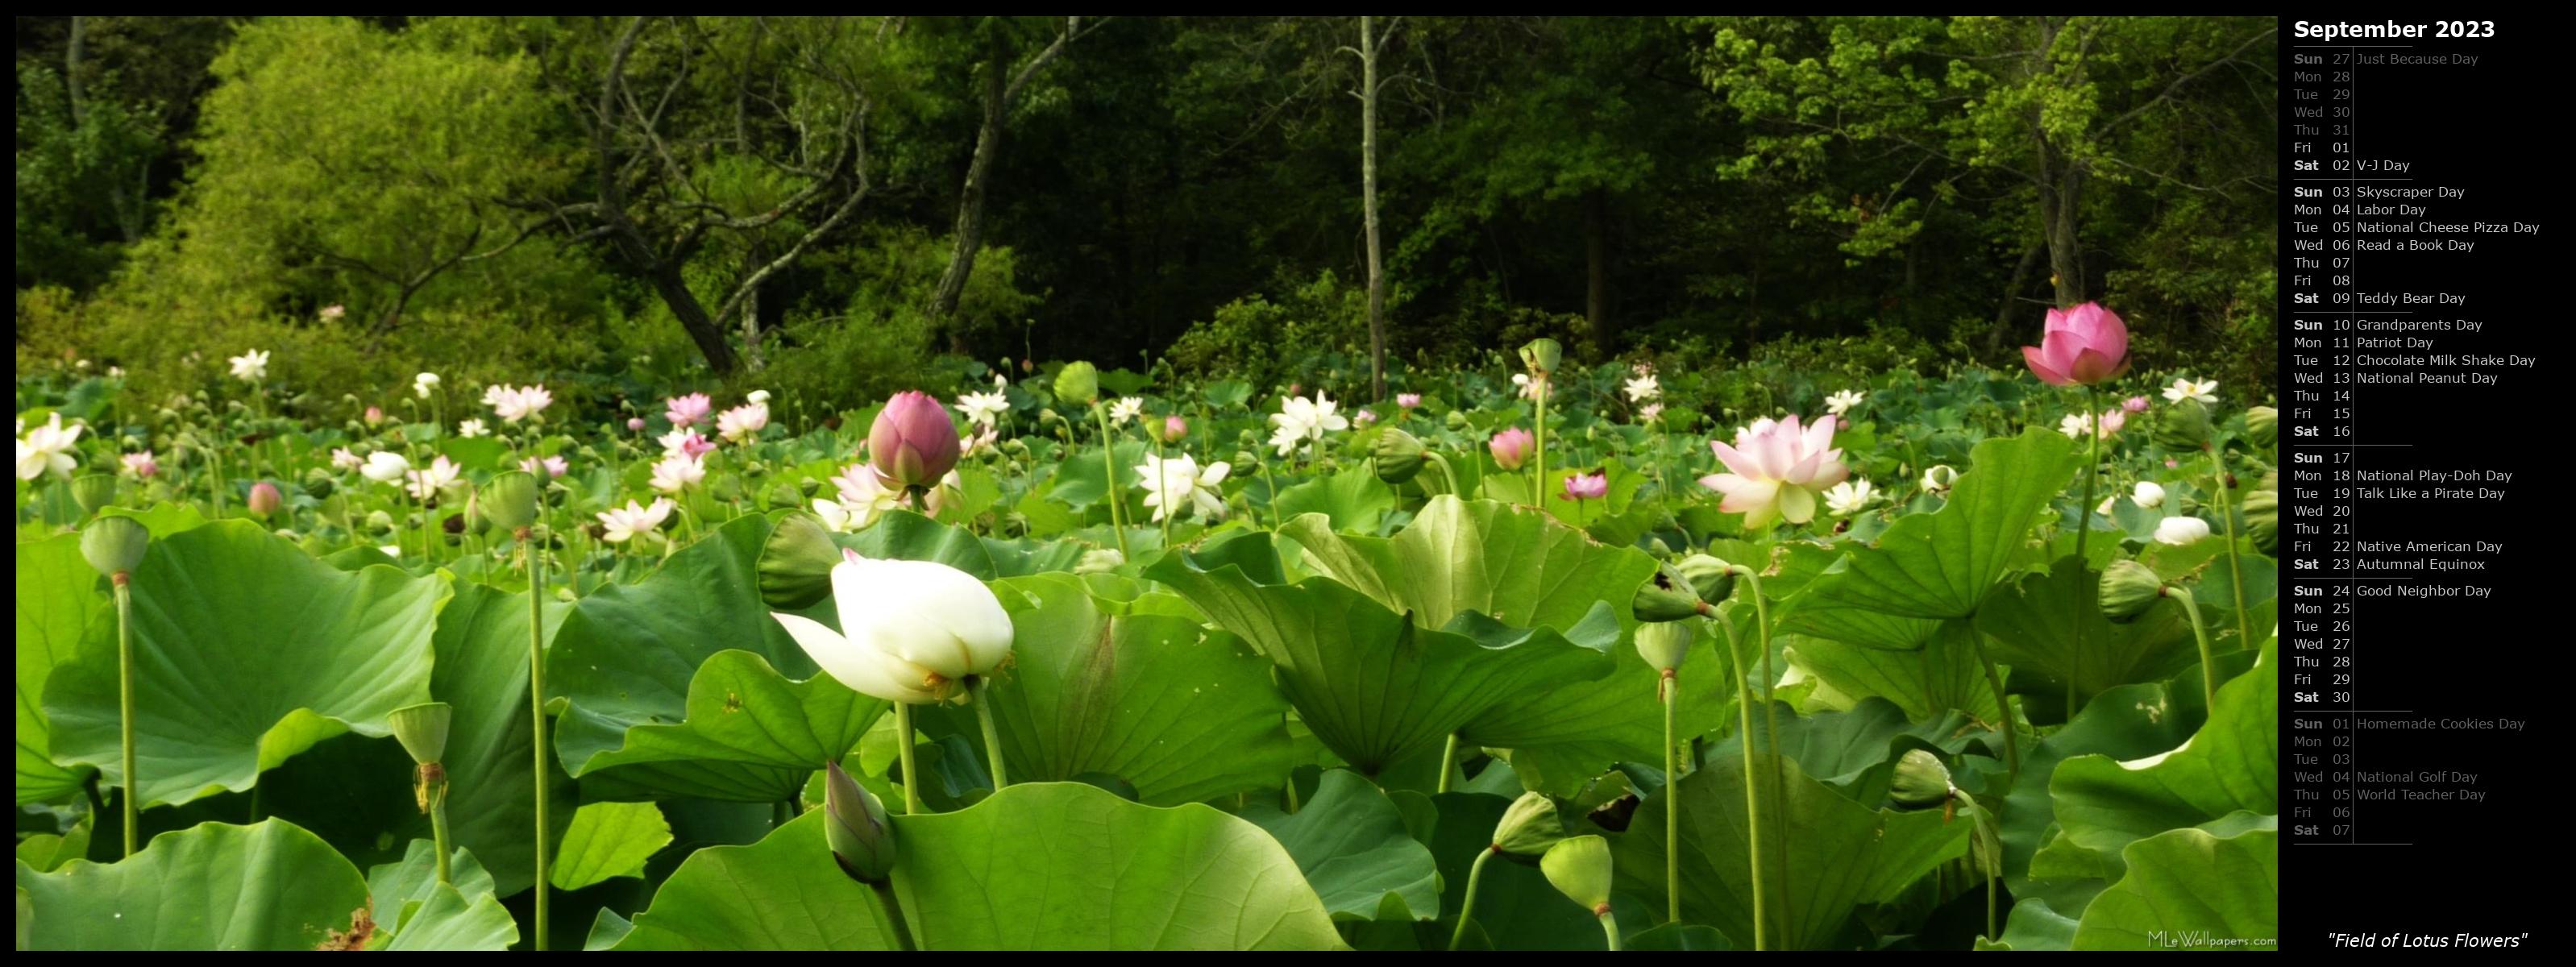 MLeWallpapers Field of Lotus Flowers Calendar